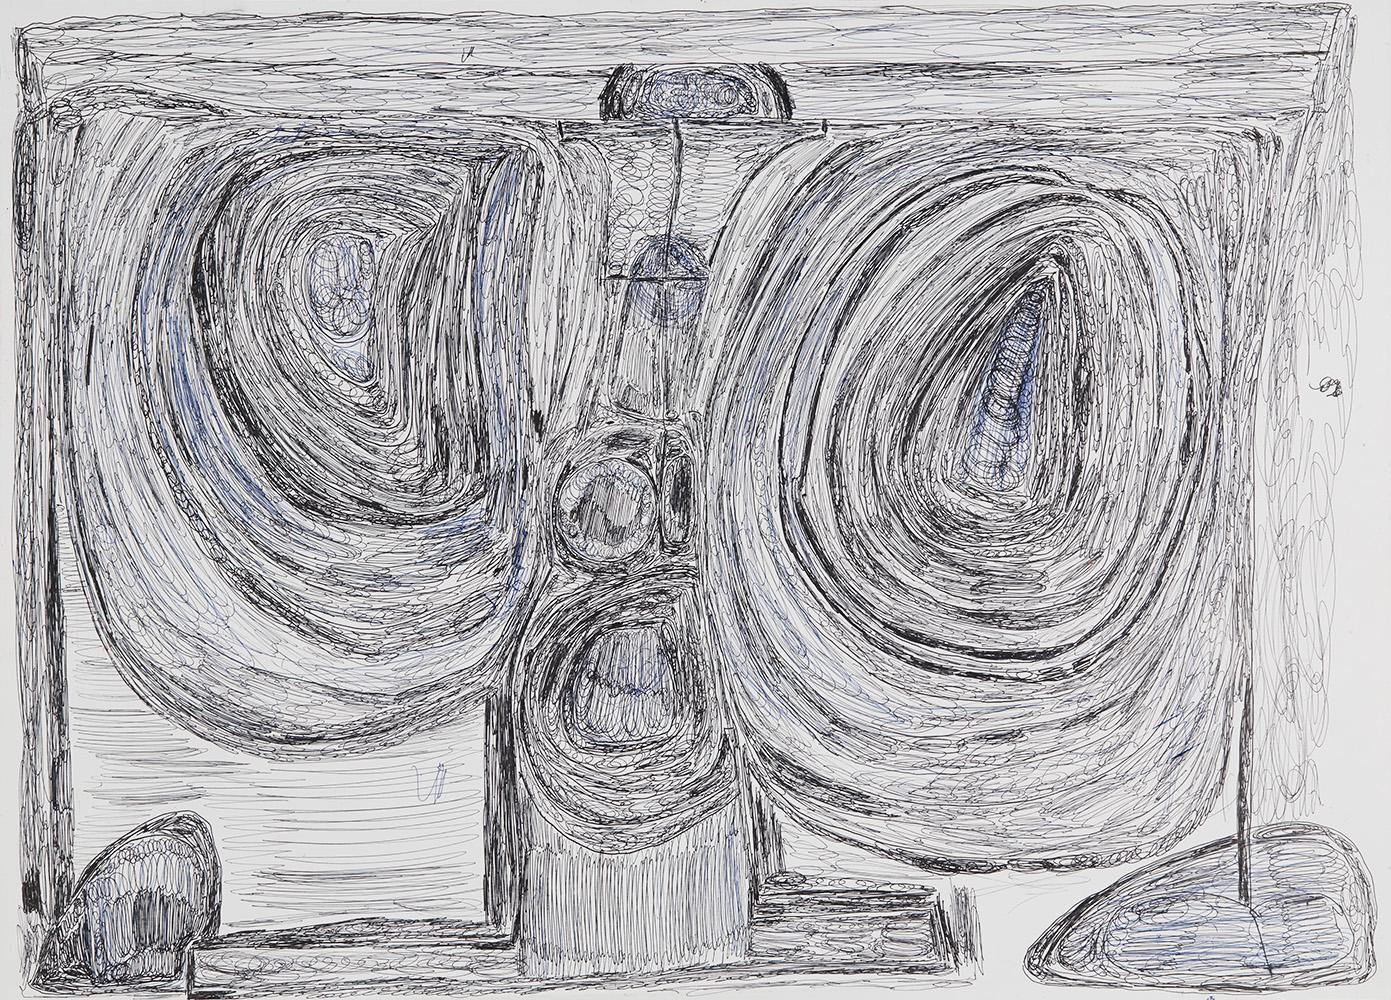 Eric Derkenne    Untitled  , 2004 Ballpoint pen on paper 18.11 x 25.2 inches 46 x 64 cm DERK 2